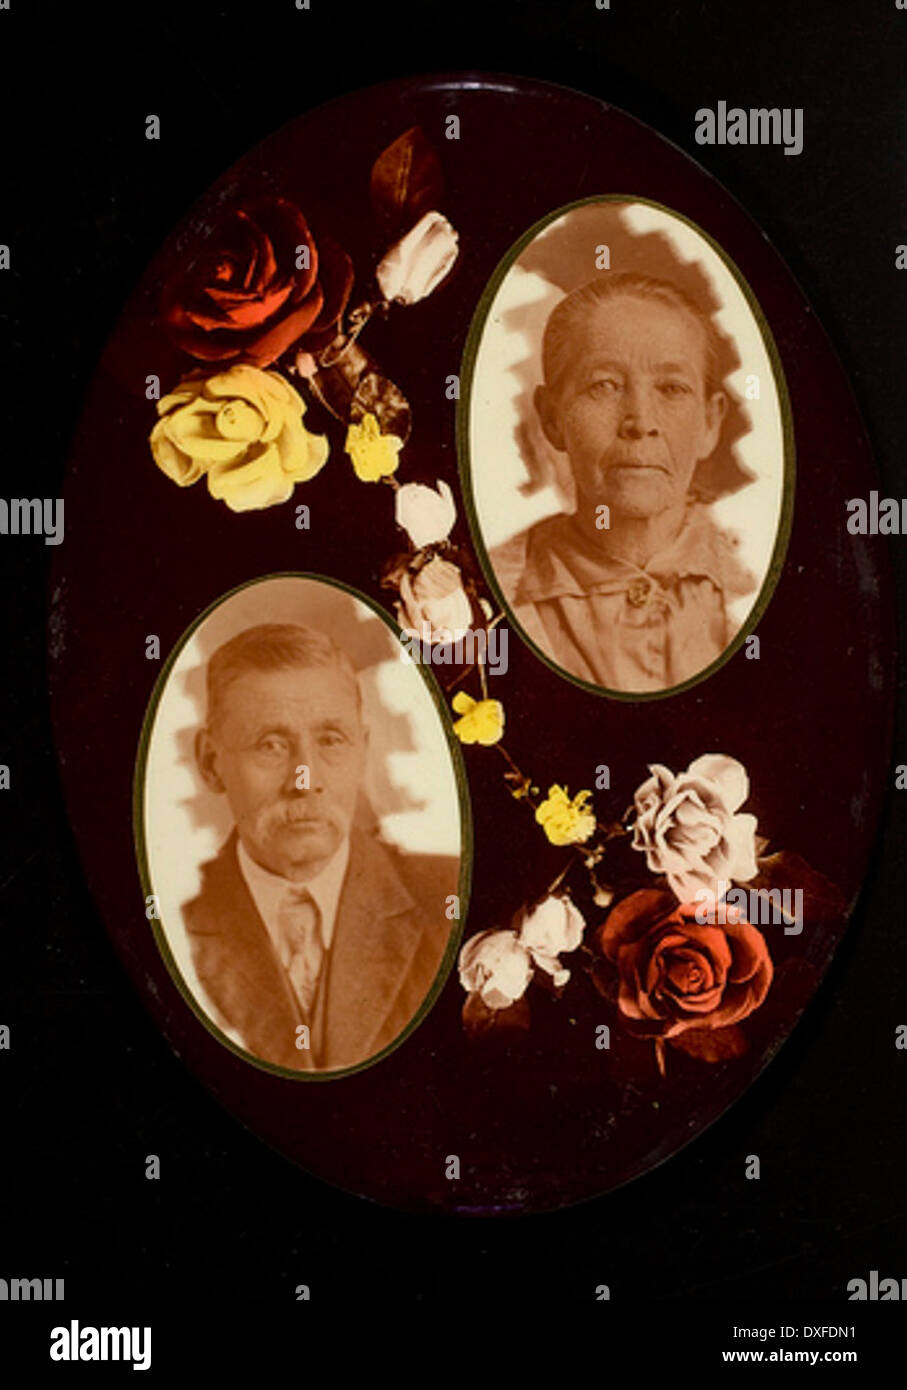 Zwei nicht identifizierte Porträts mit Rosen zwei nicht identifizierte Porträts mit Rosen Stockbild